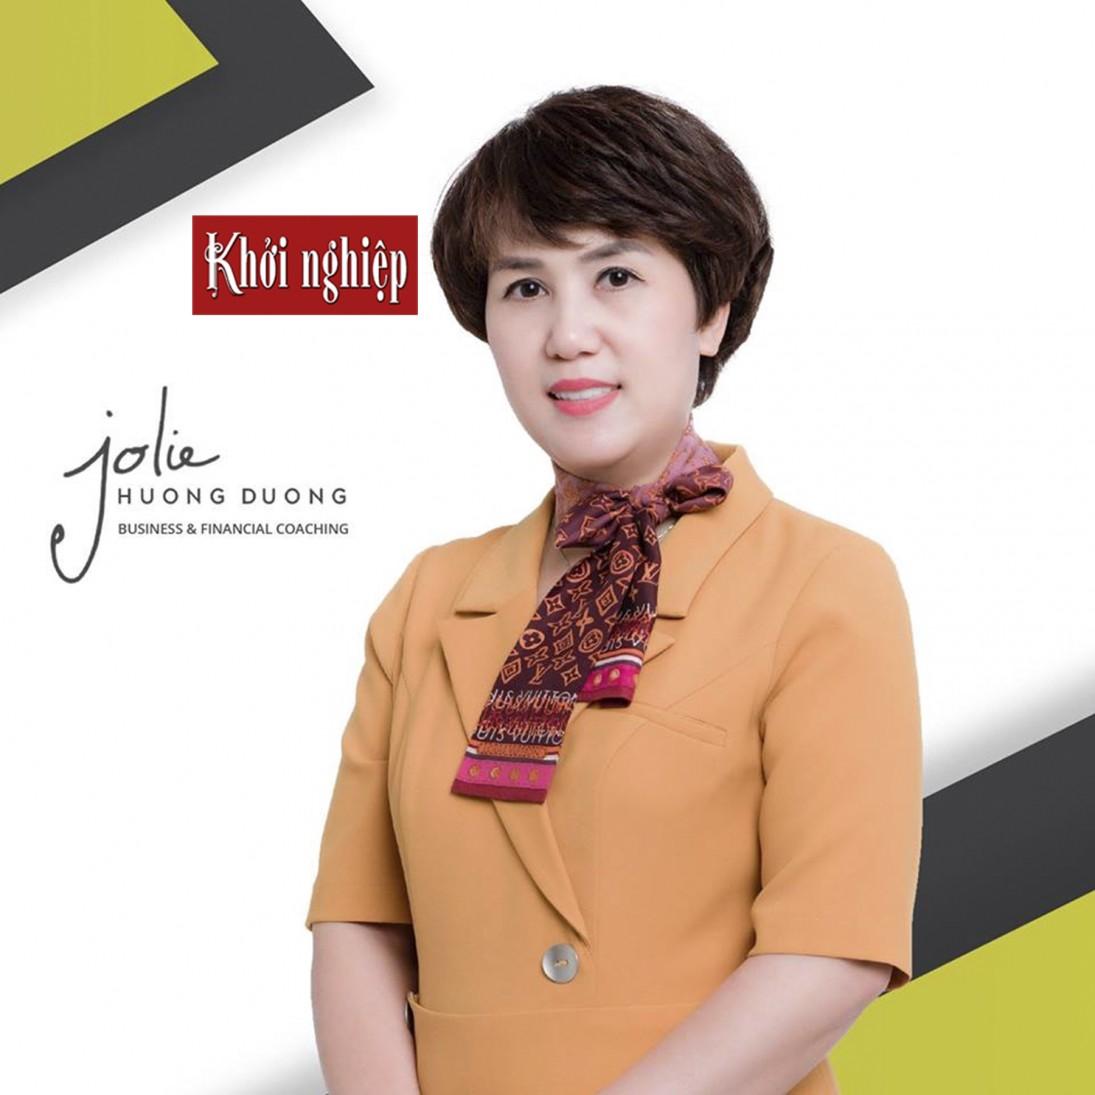 jolie-huong-duong-2.jpg